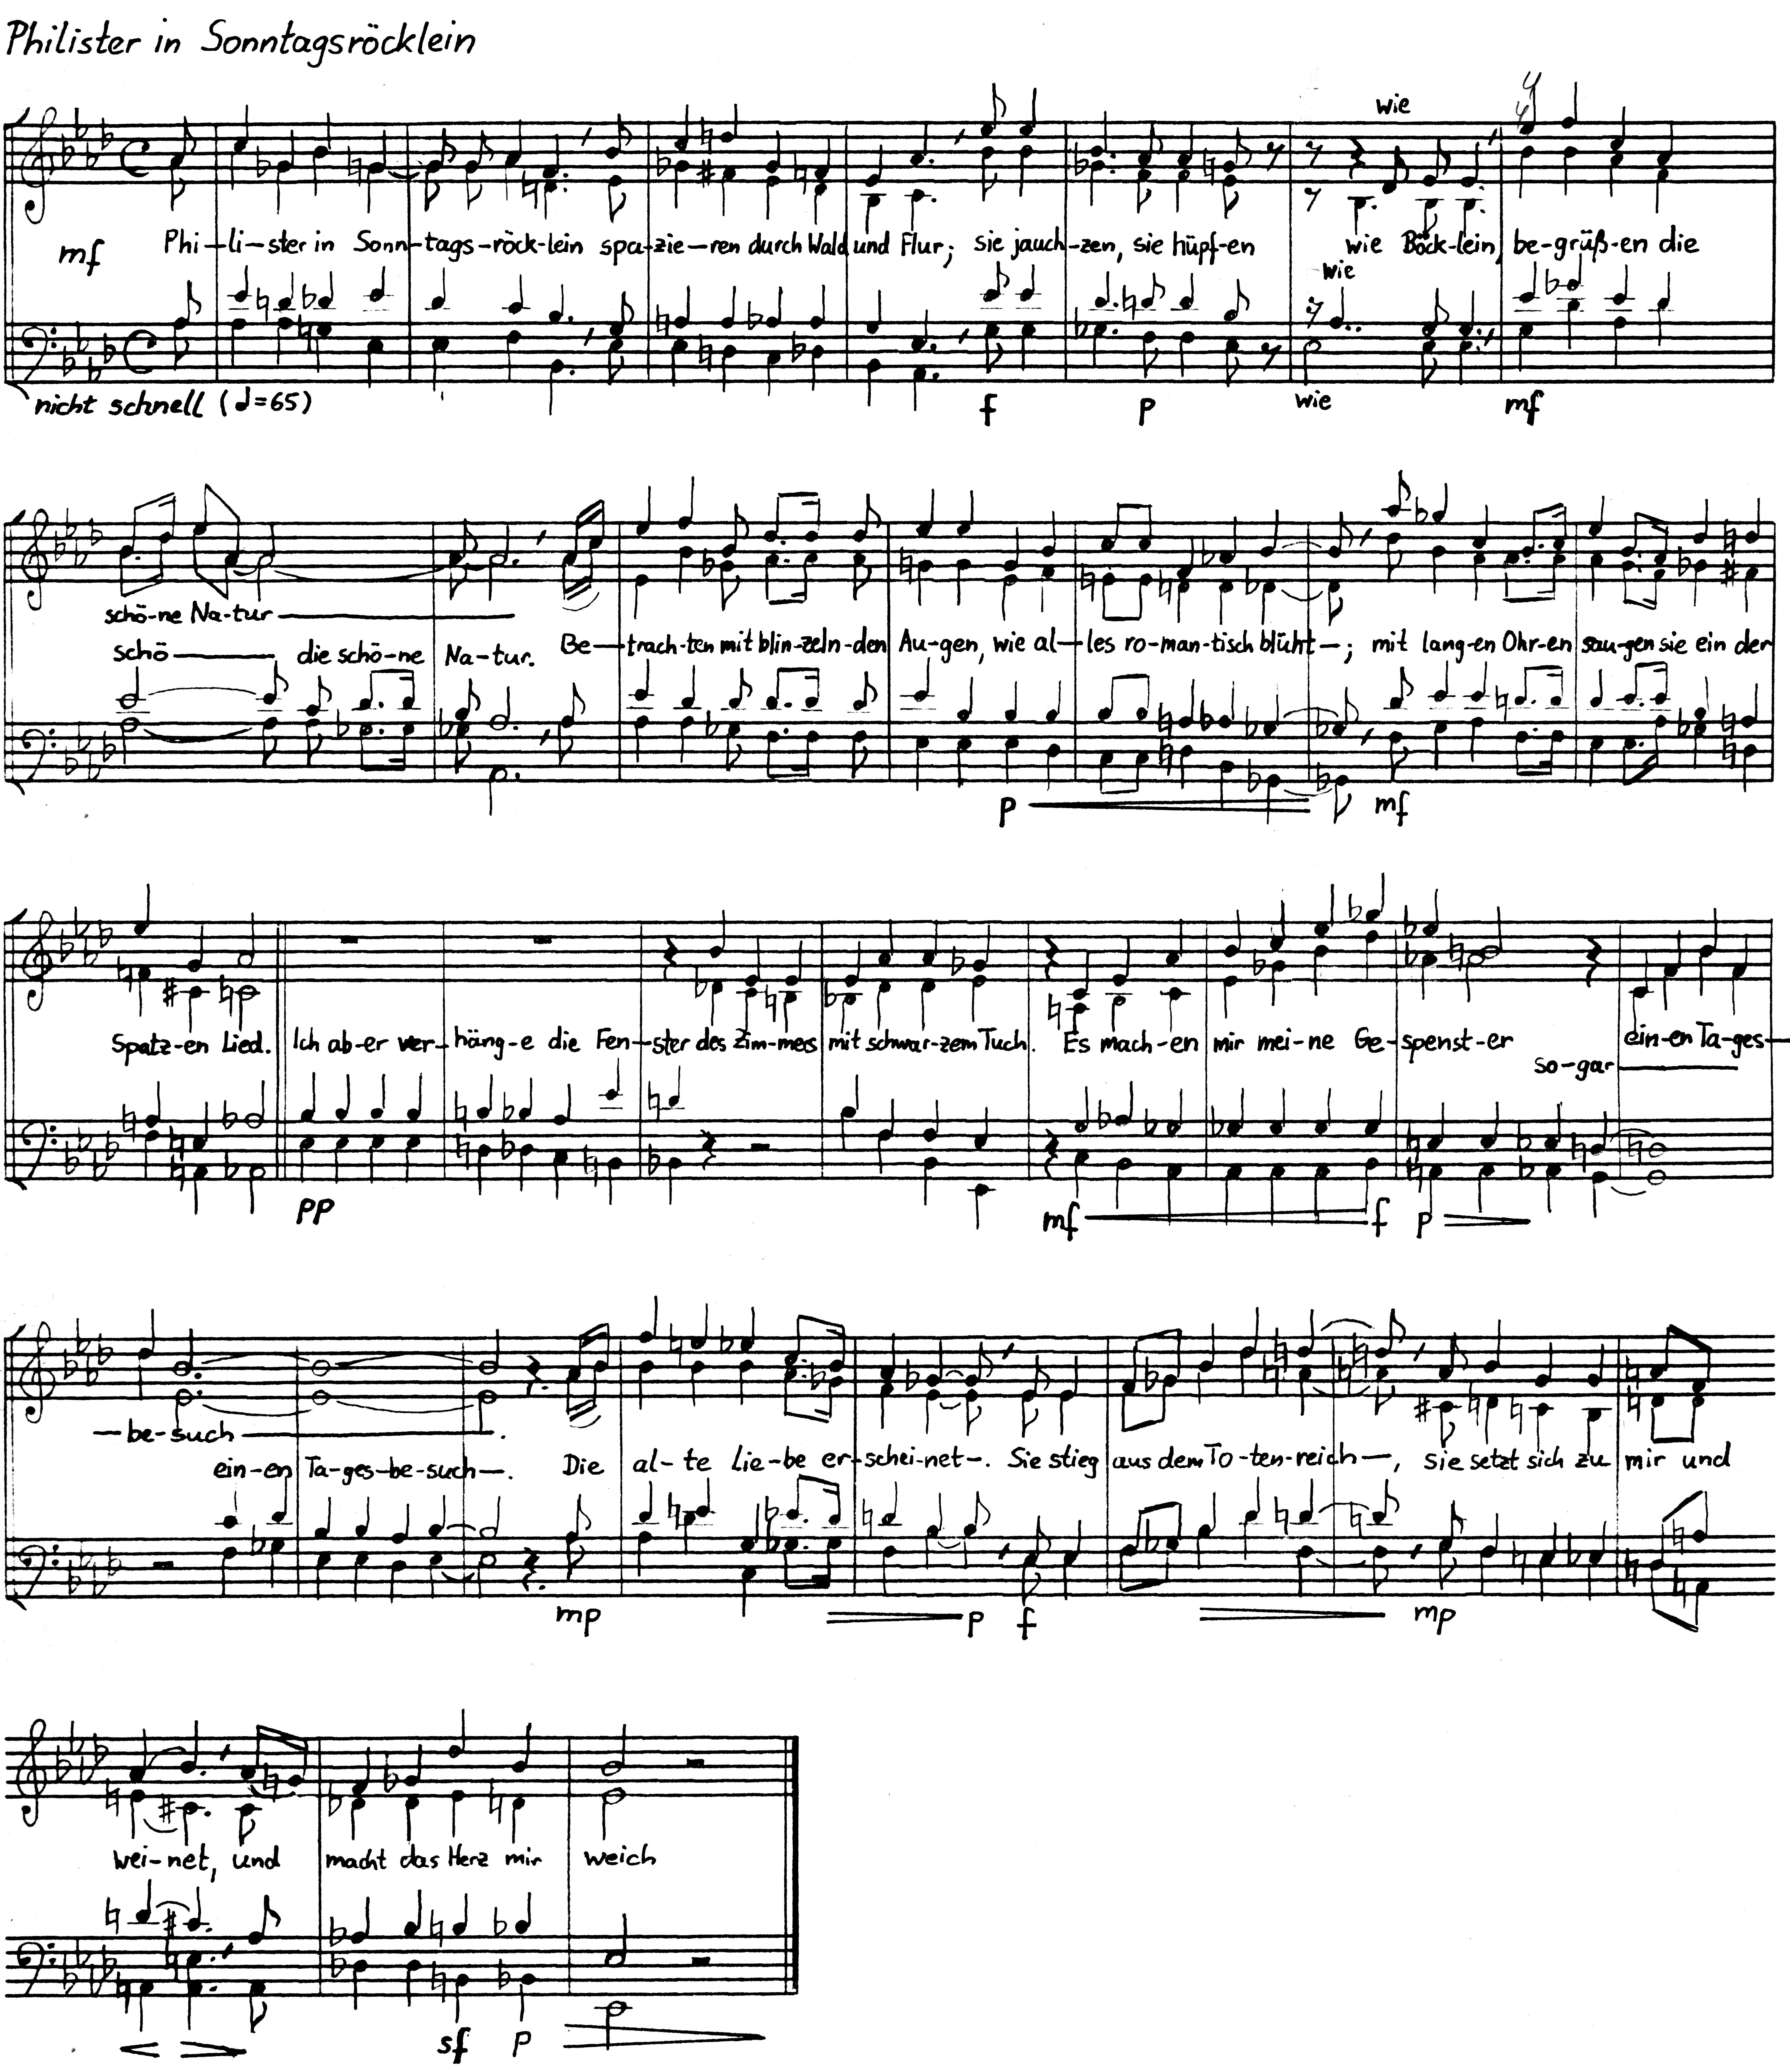 """aus: Jörg Meyer: """"Heine-Lieder"""" für gemischten Chor, op. 20, August 1985"""